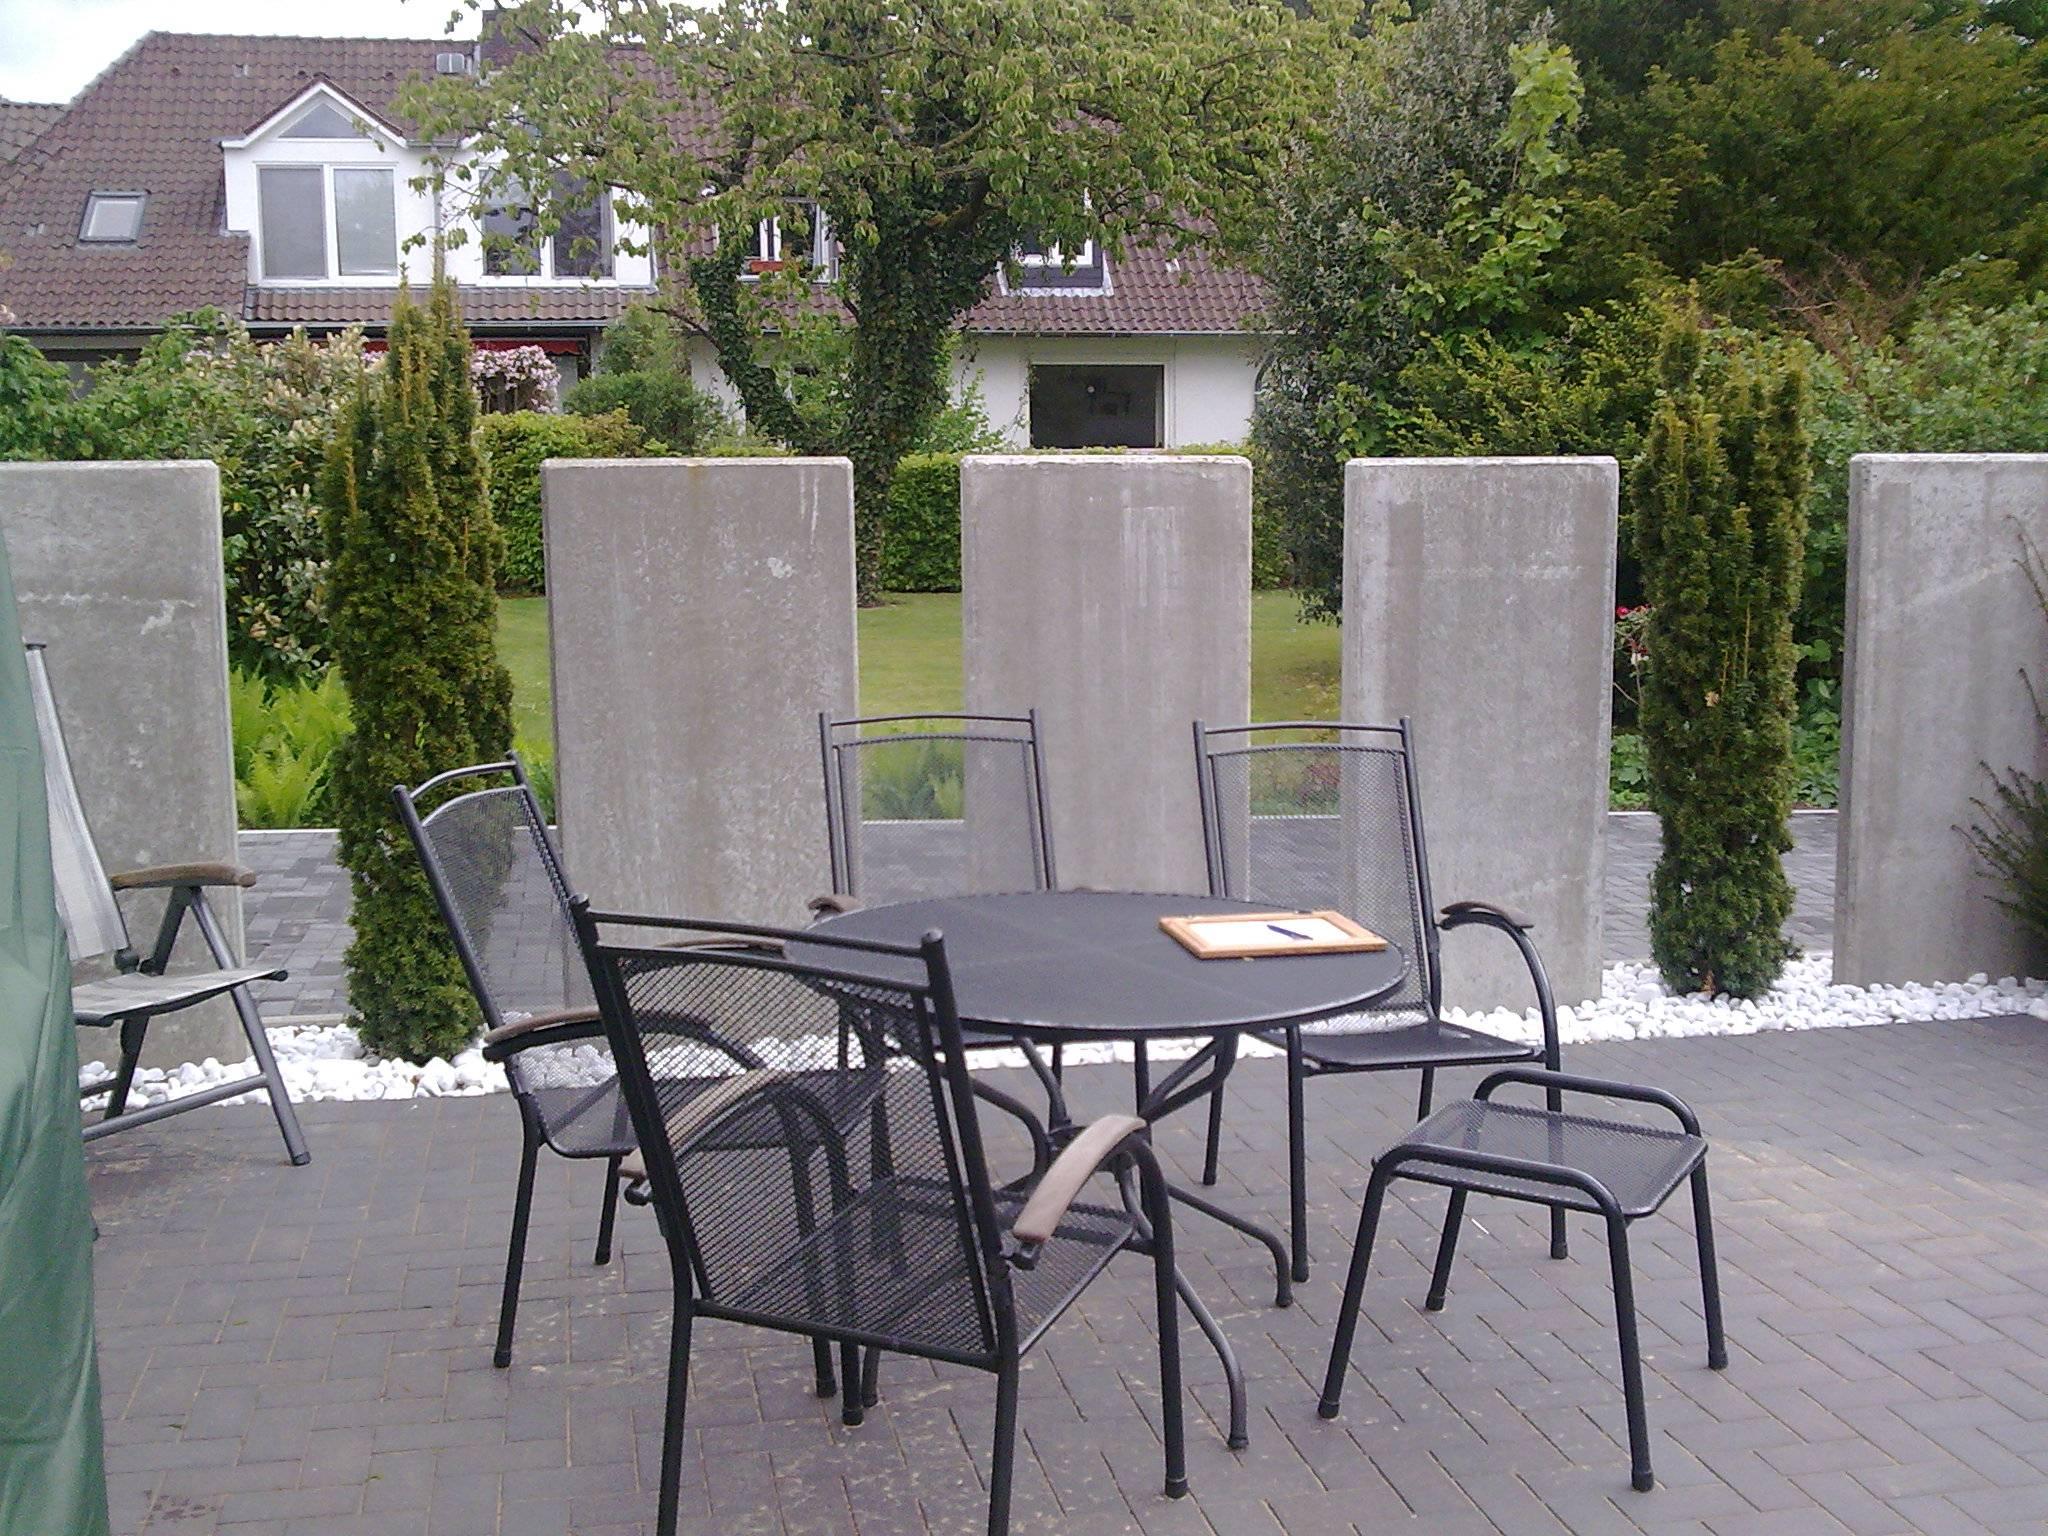 Sichtschutz Mit Beton Elementen Righini Garten Und Landschaftsbau